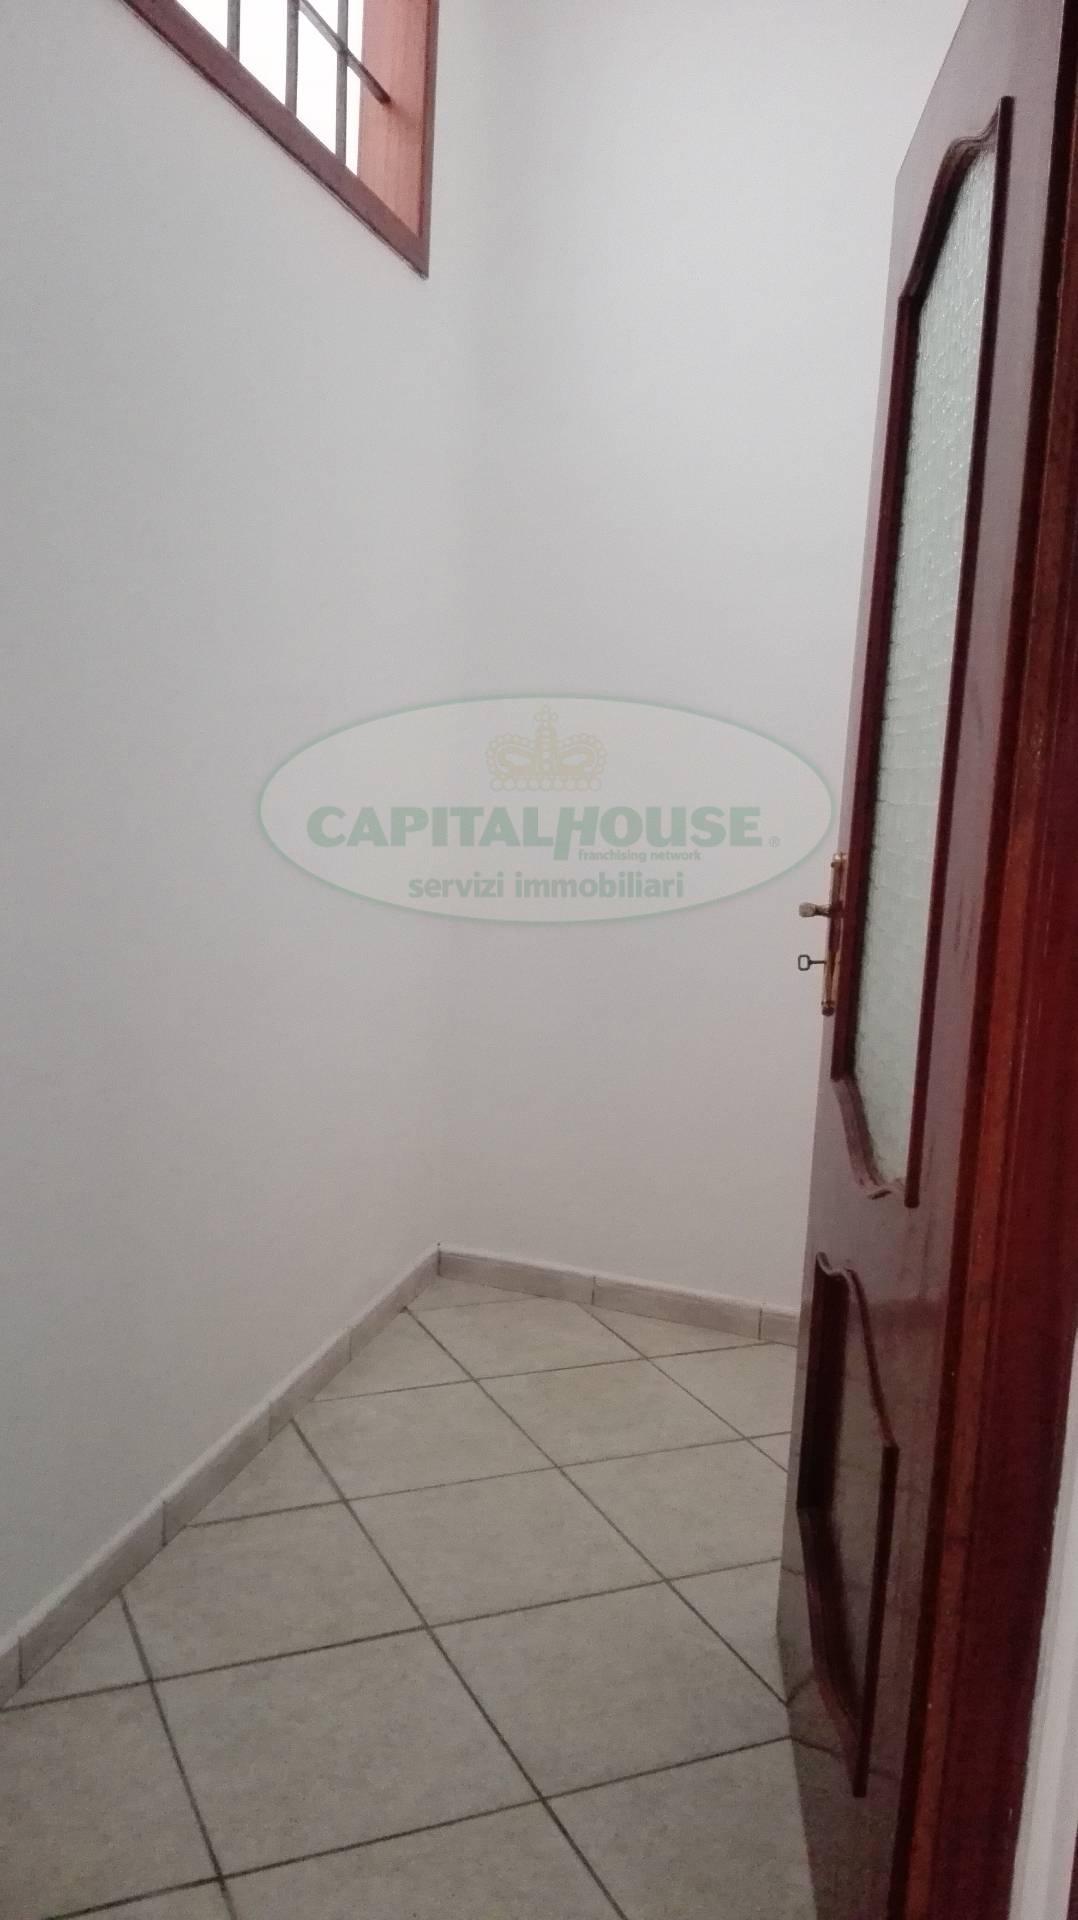 Appartamento in affitto a Macerata Campania, 3 locali, prezzo € 280 | Cambio Casa.it